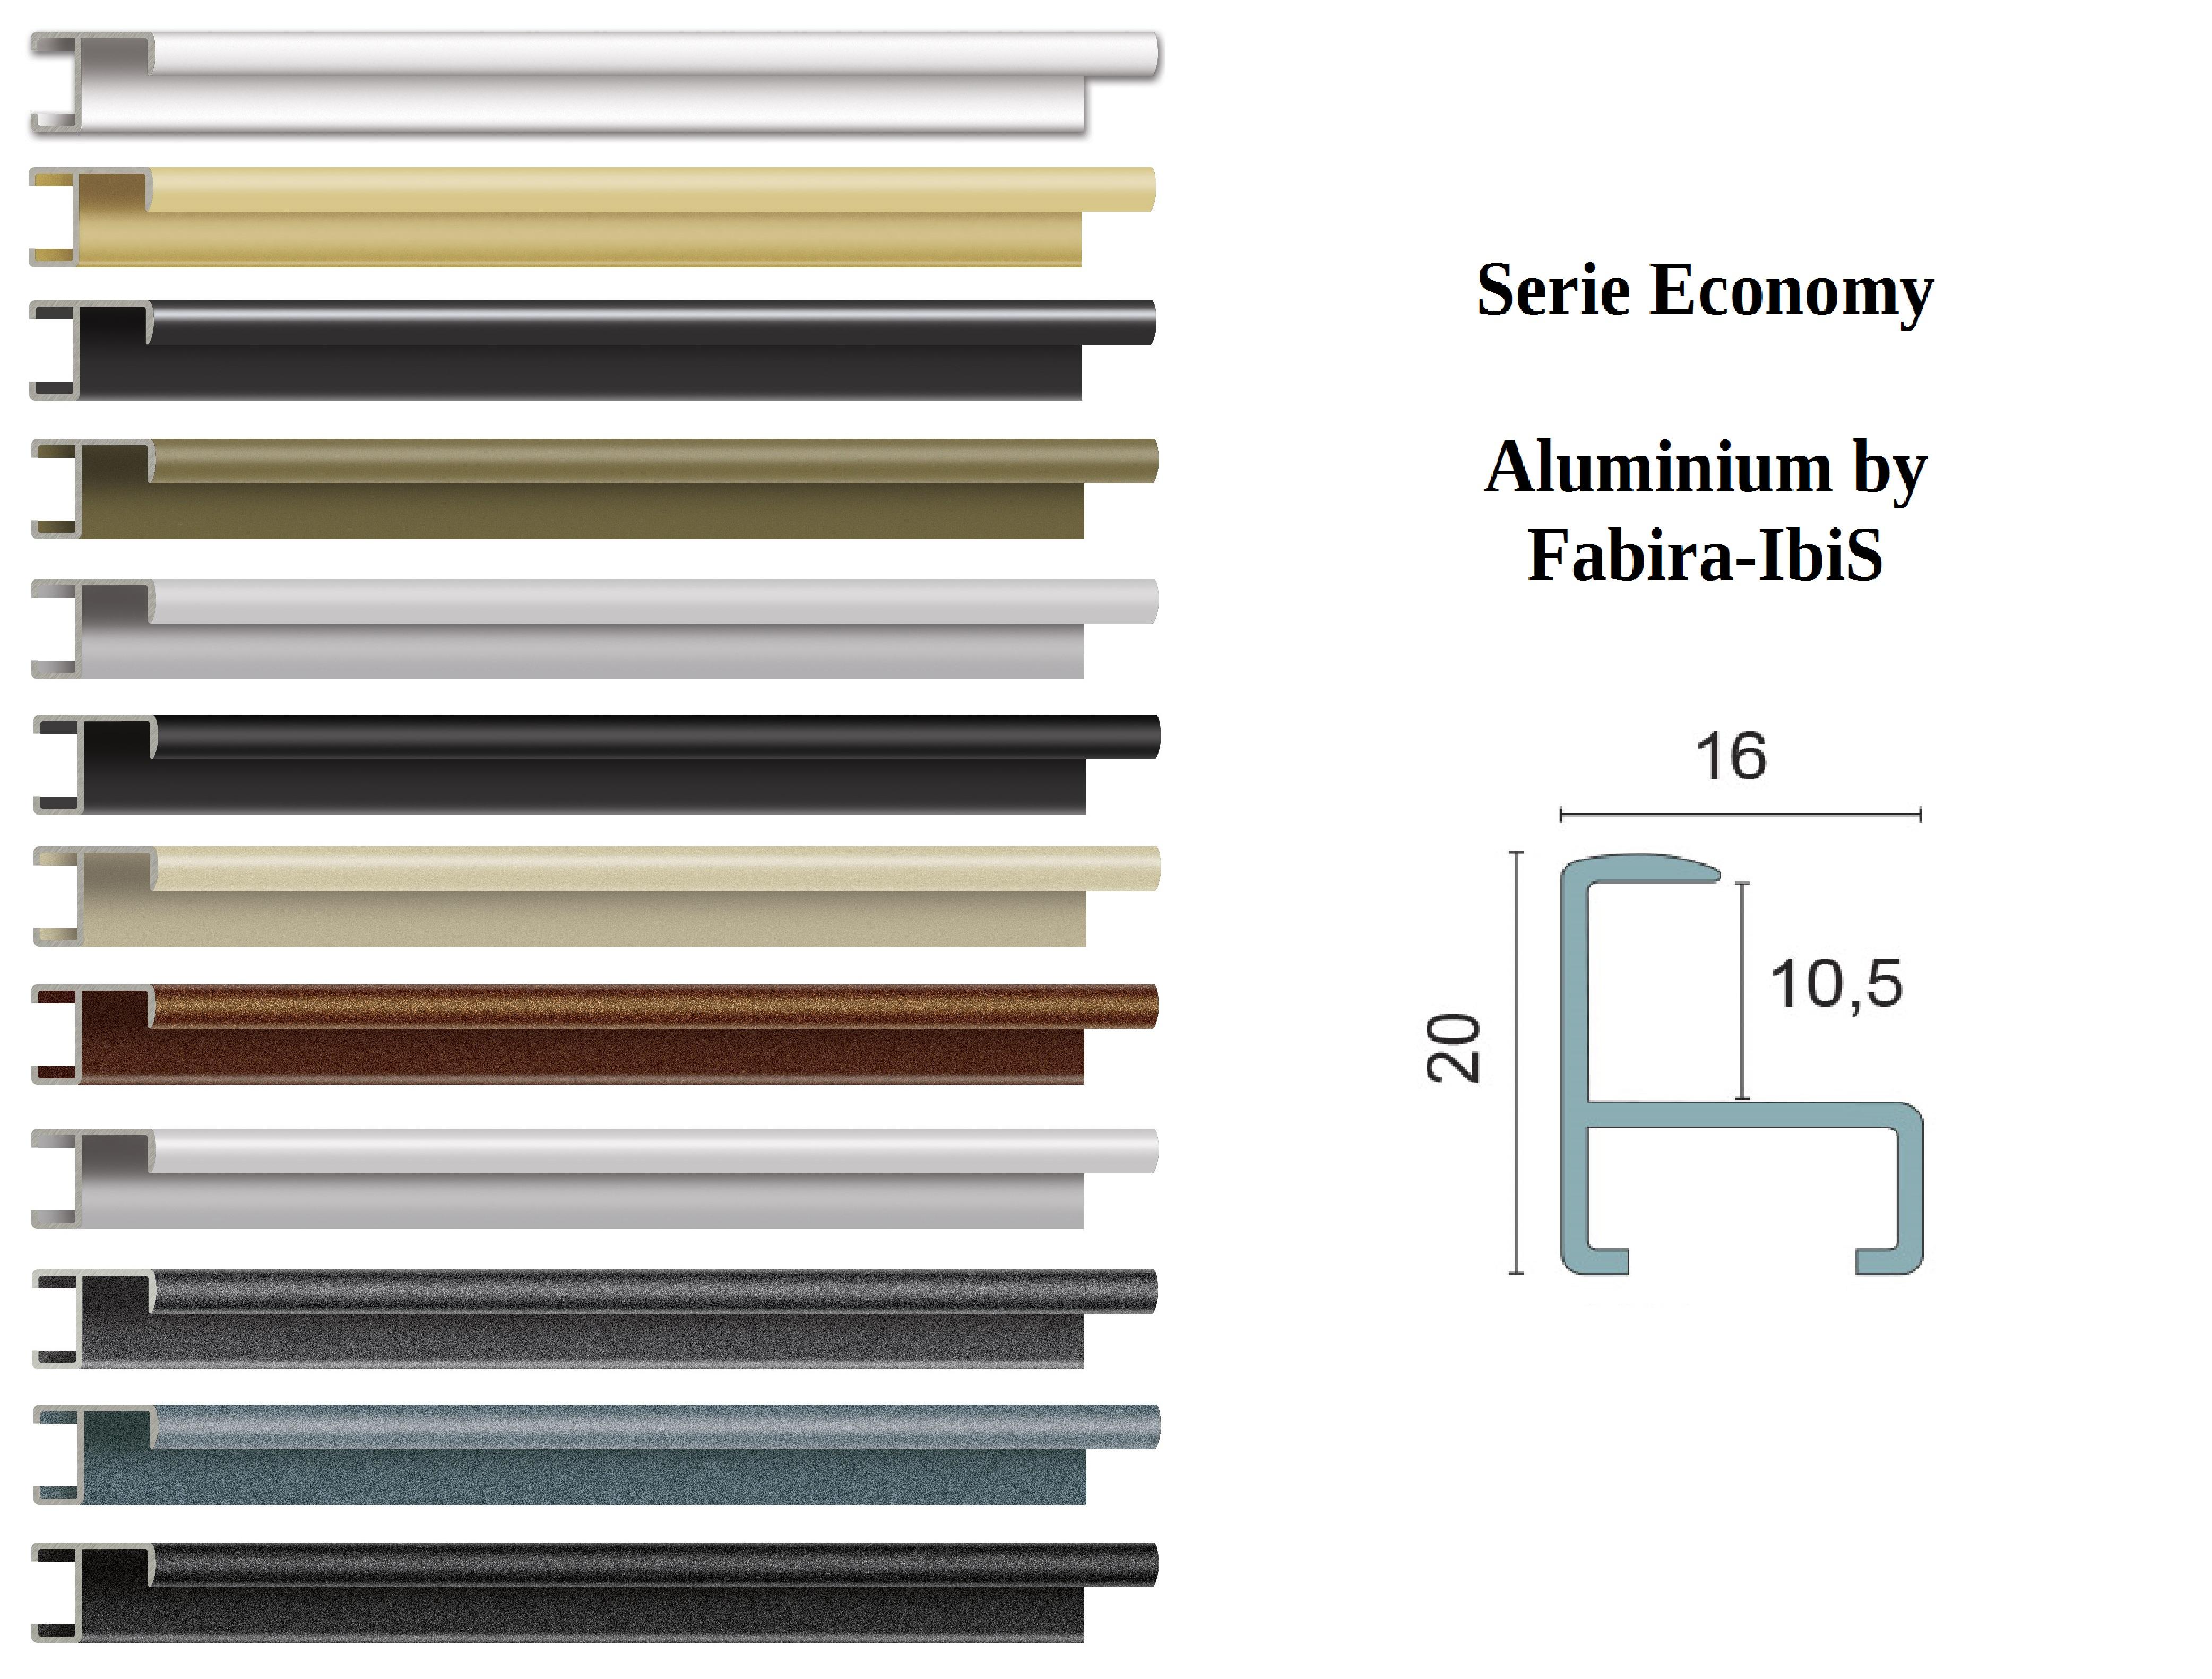 Fabira-IbiS Aluminium: Economy